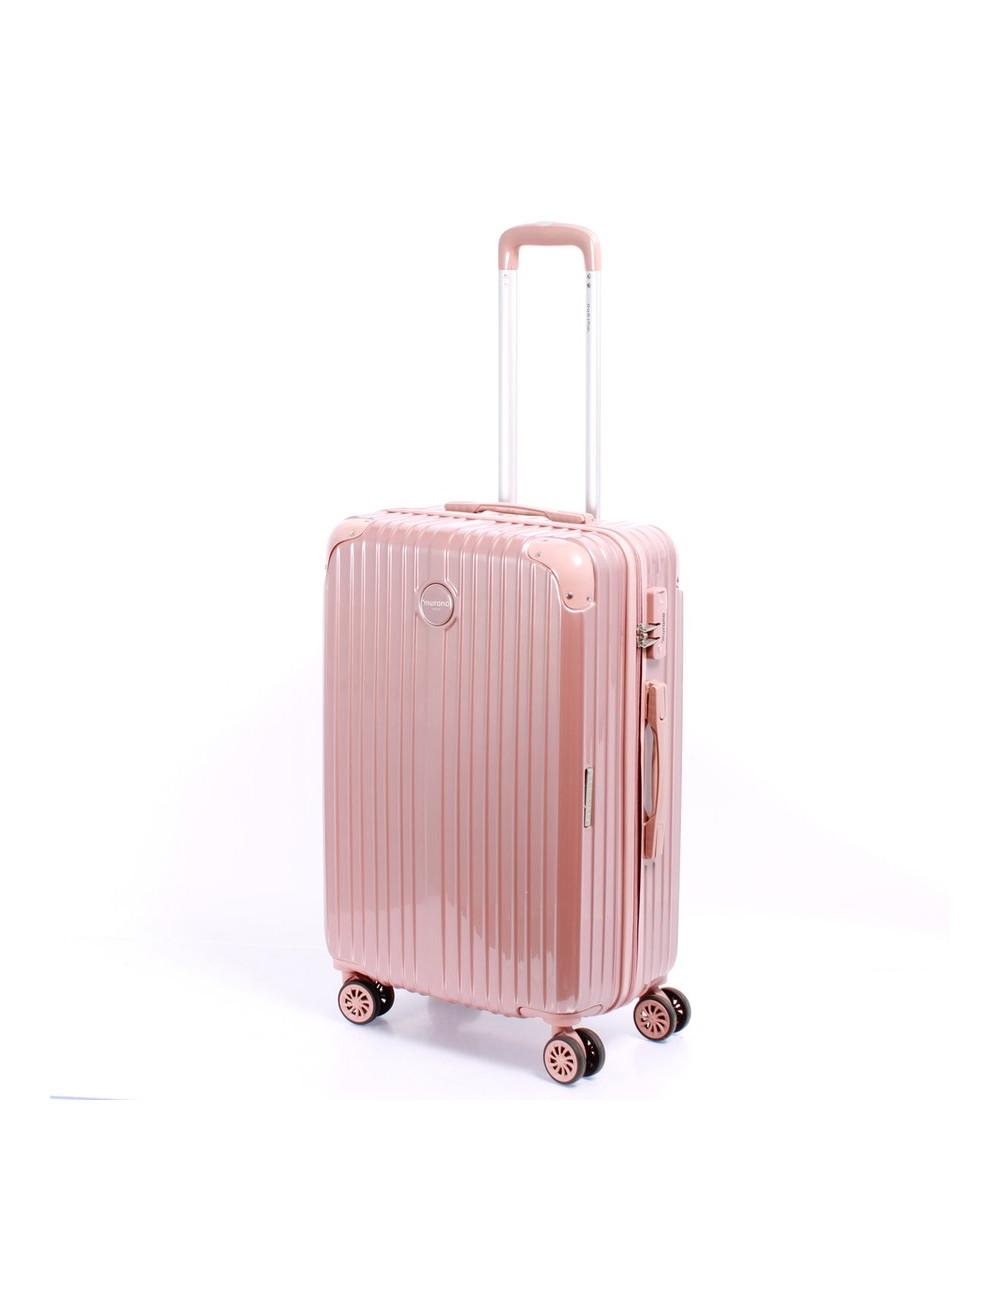 grande valise murano